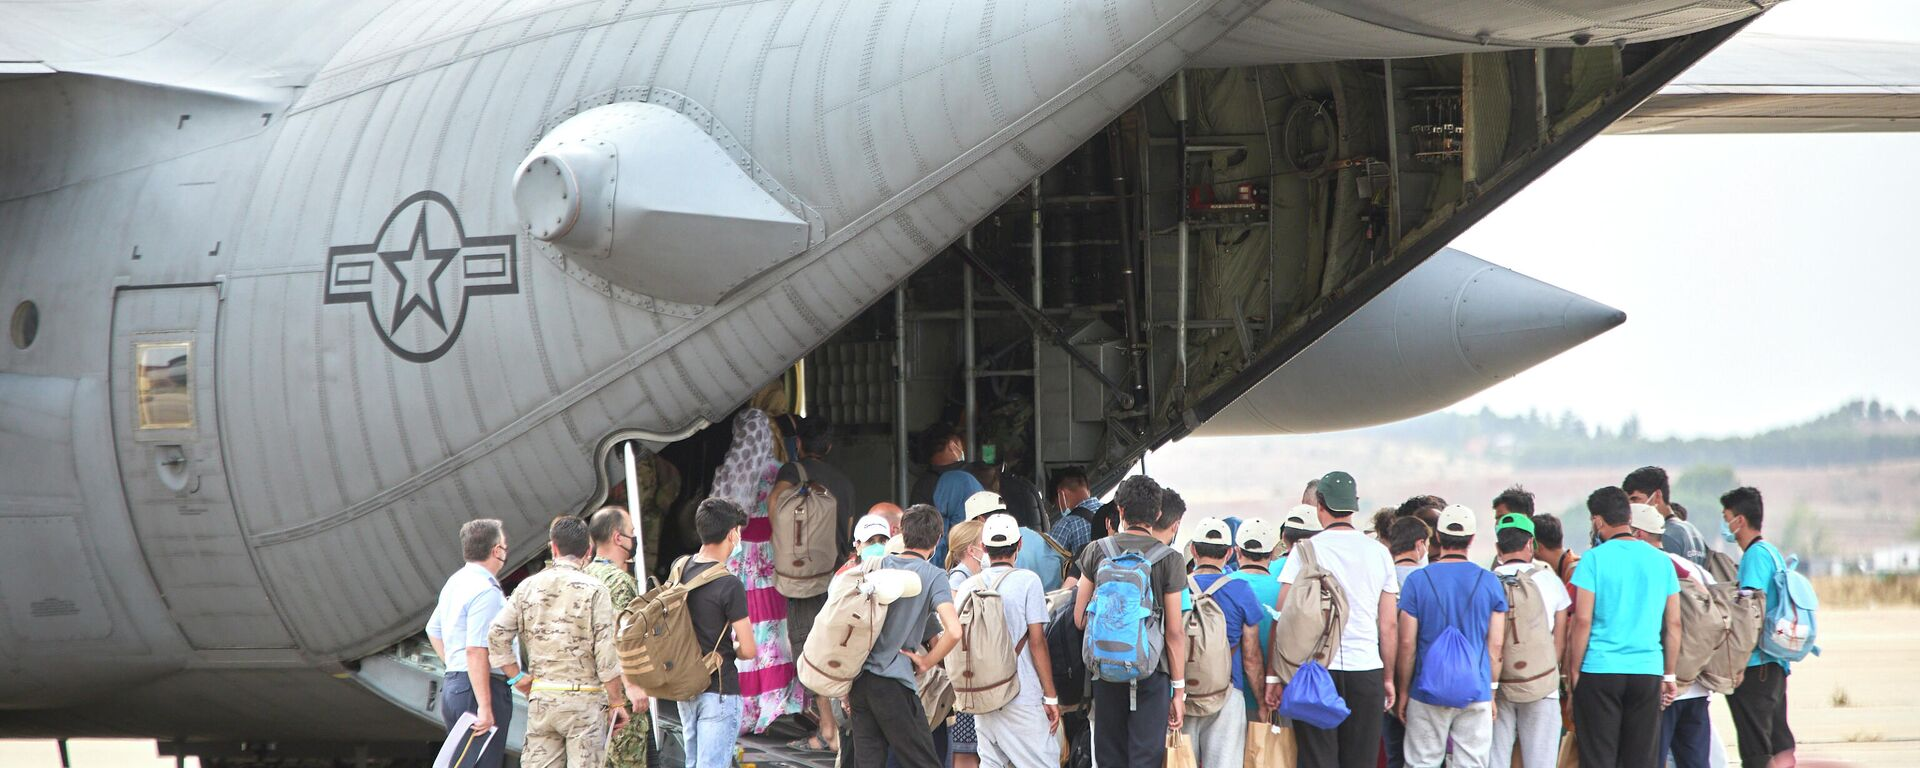 Un grupo de jóvenes y familias afganas, se dirigen a subir a un avión estadounidense para ser trasladados a Alemania, en la base aérea de Torrejón de Ardoz, a 24 de agosto de 2021, en Madrid (España).  - Sputnik Mundo, 1920, 25.08.2021